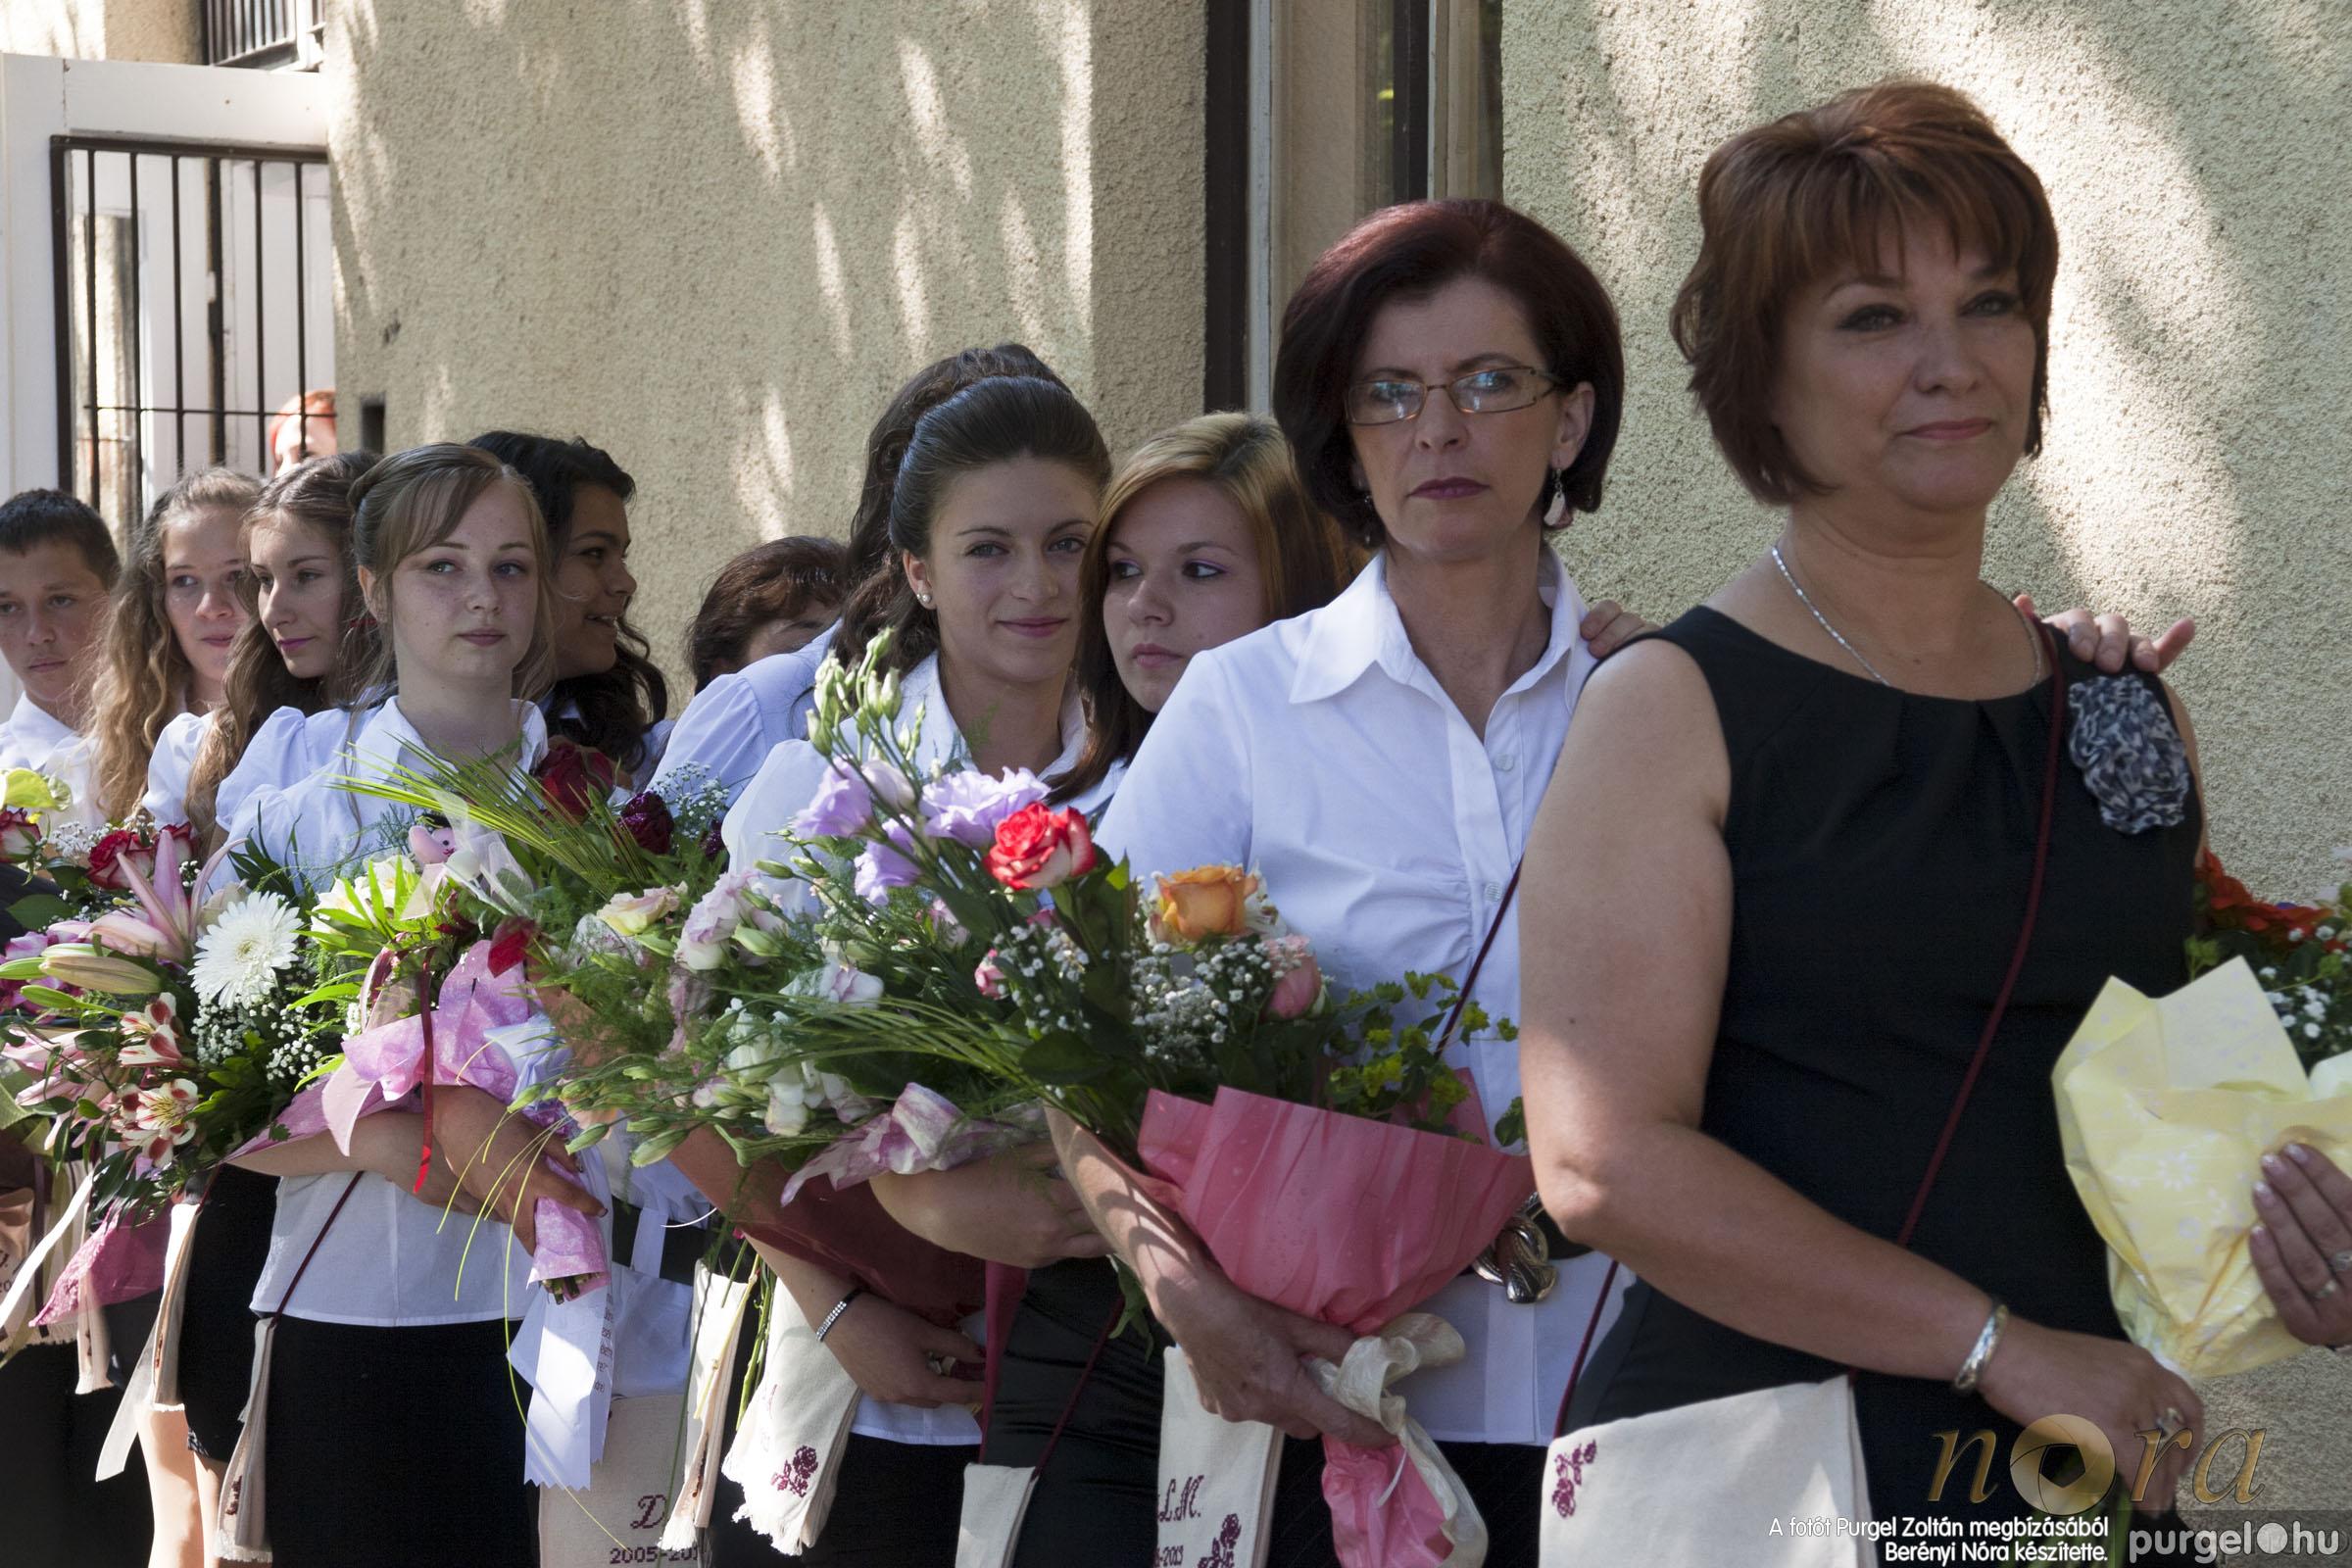 2013.06.15. 156 Forray Máté Általános Iskola ballagás 2013. - Fotó:BERÉNYI NÓRA© _MG_1161.JPG